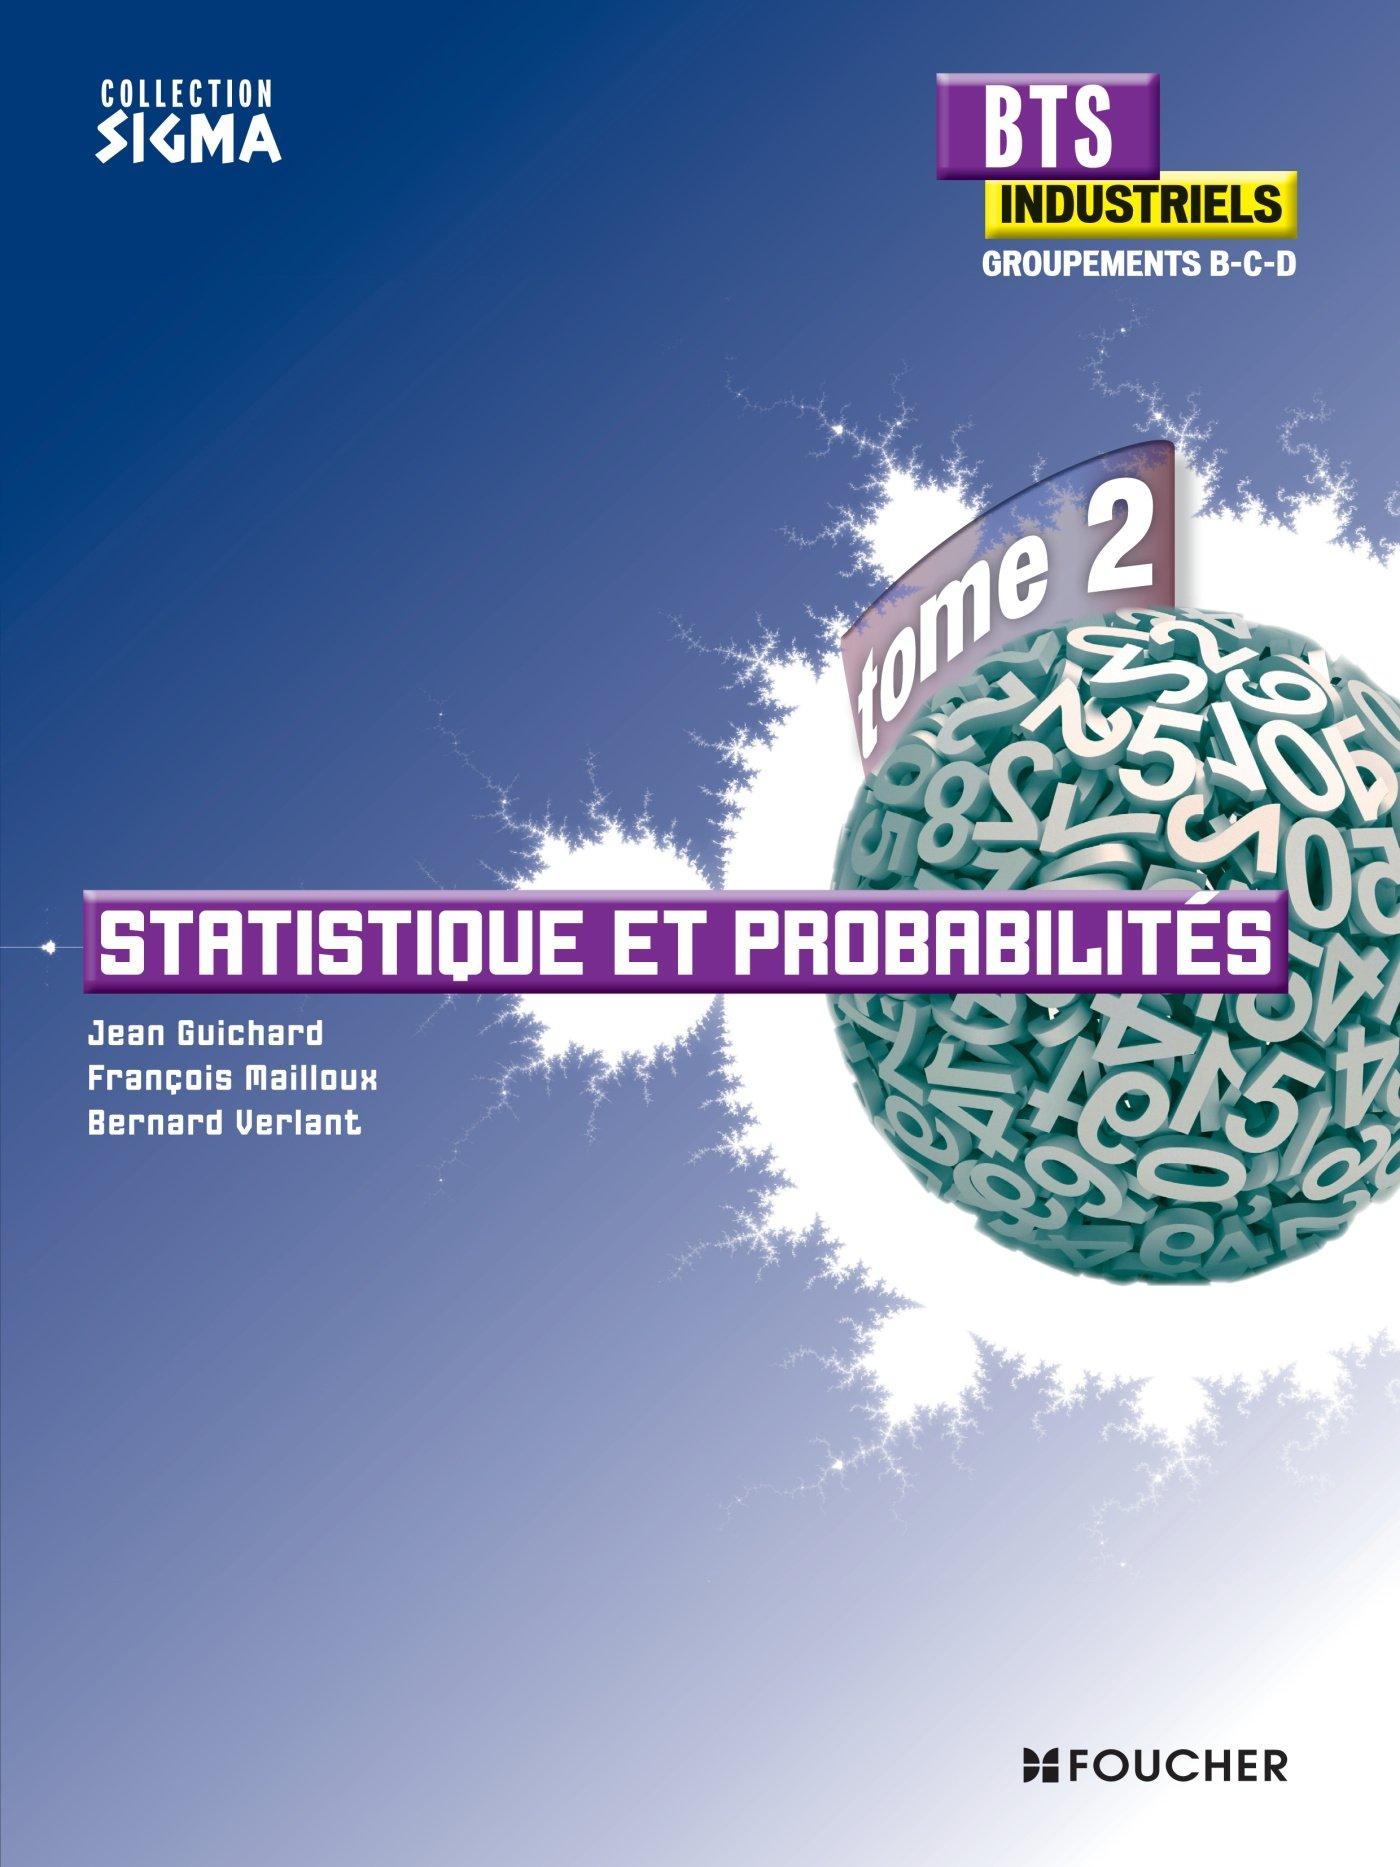 Sigma Statistique et probabilités BTS Industriels Tome 2 groupements B, C et D Broché – 30 avril 2014 Bernard Verlant Jean Guichard François Mailloux Foucher